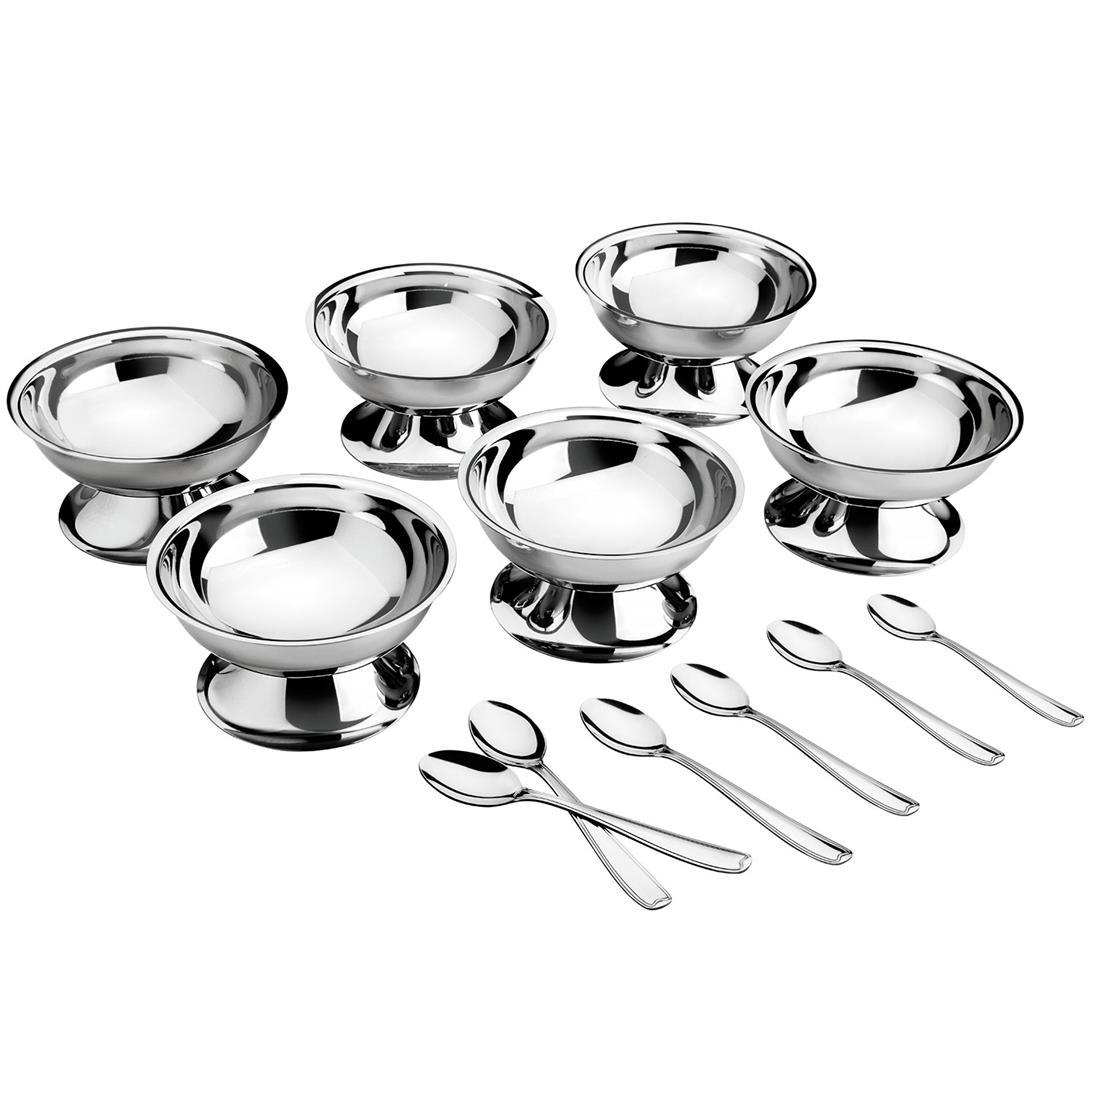 Kit Para Sobremesa 12 Peças Aço Inox 64400710 Tramontina